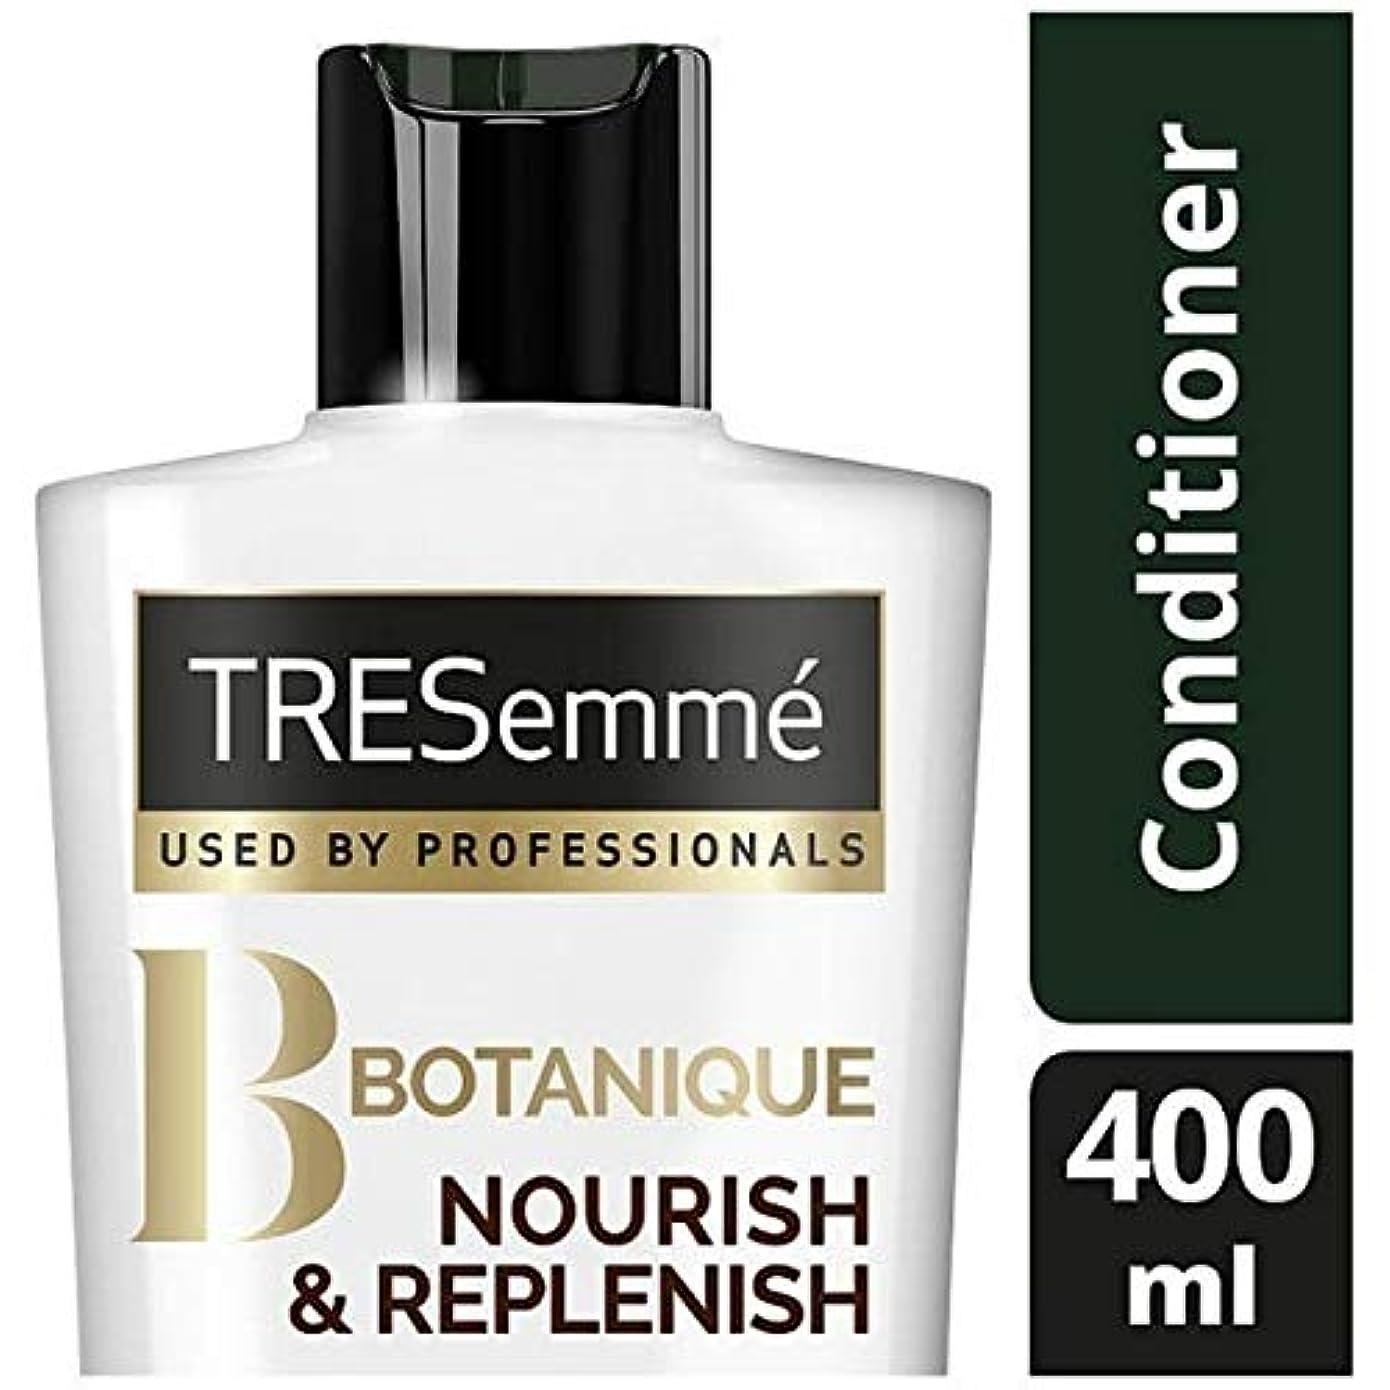 罰グラス信頼性のある[Tresemme] Tresemmeのボタニックを養う&コンディショナー400ミリリットルを補充します - TRESemme Botanique Nourish & Replenish Conditioner 400ml...